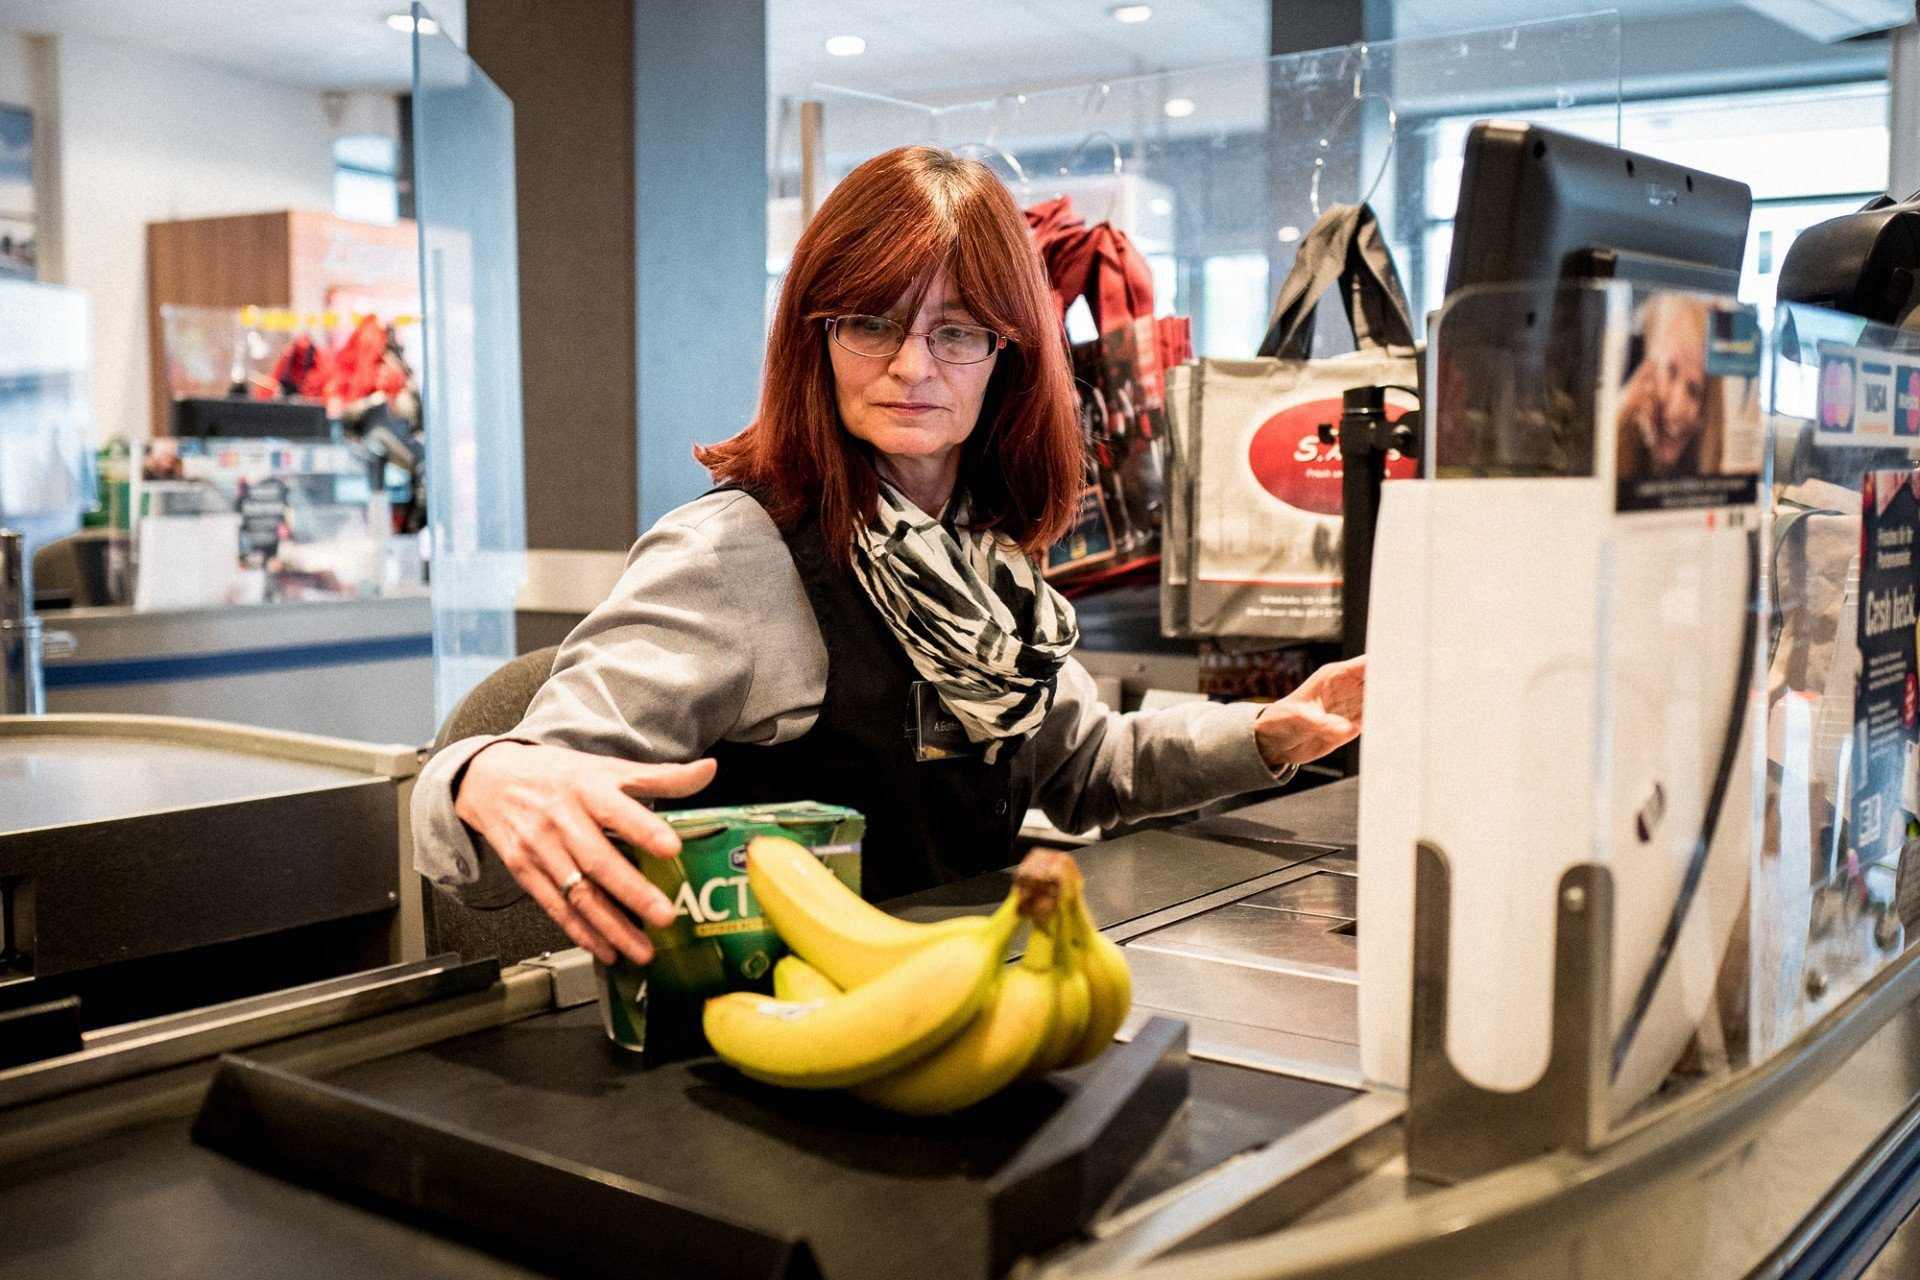 Kassiererin zieht Bananen und Joghurt über das Band.